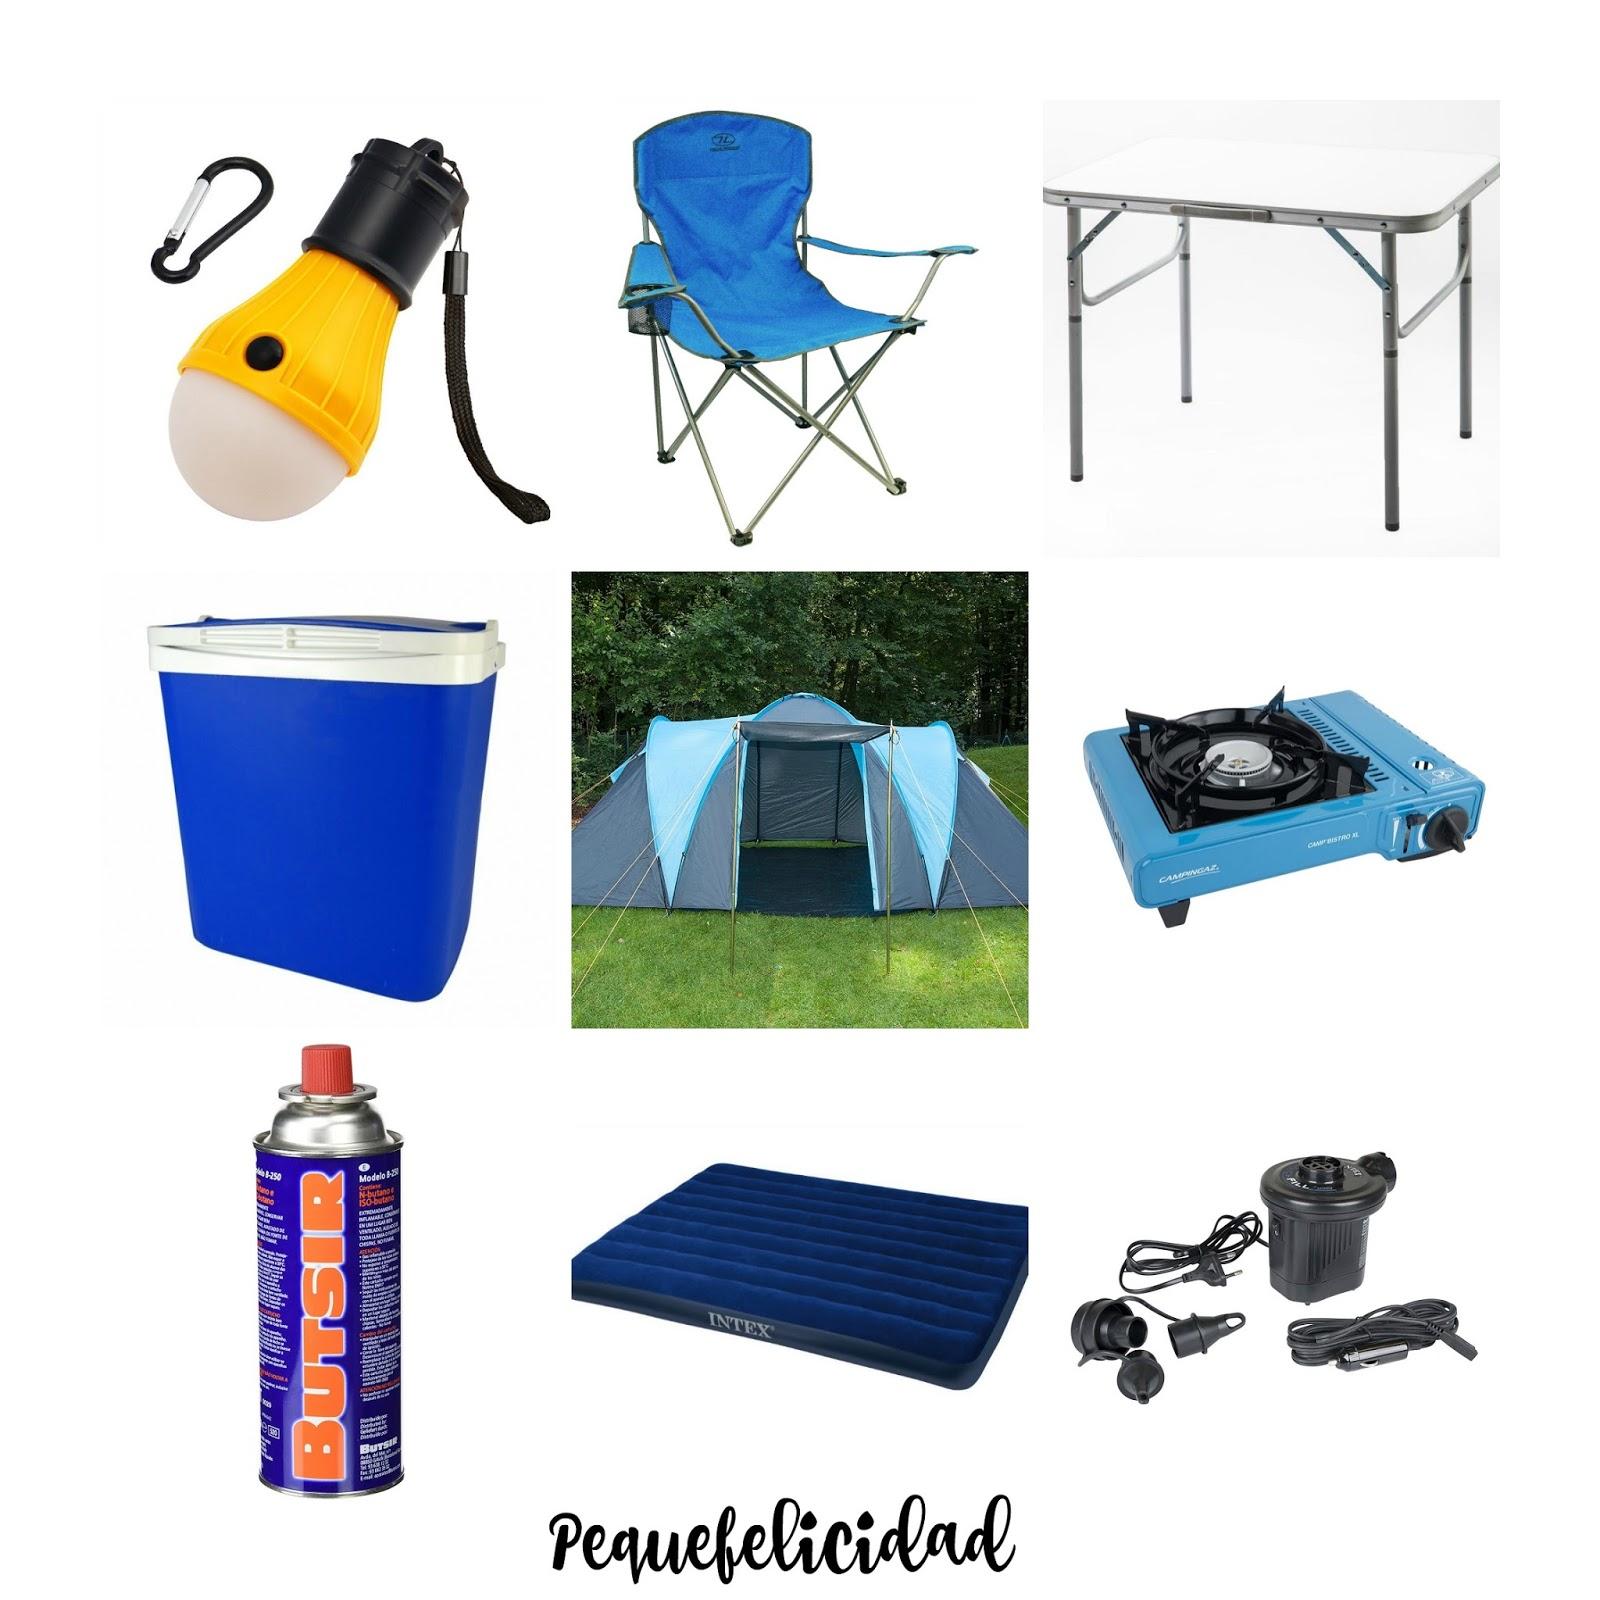 pequefelicidad: kit de imprescindibles para empezar a ir de camping